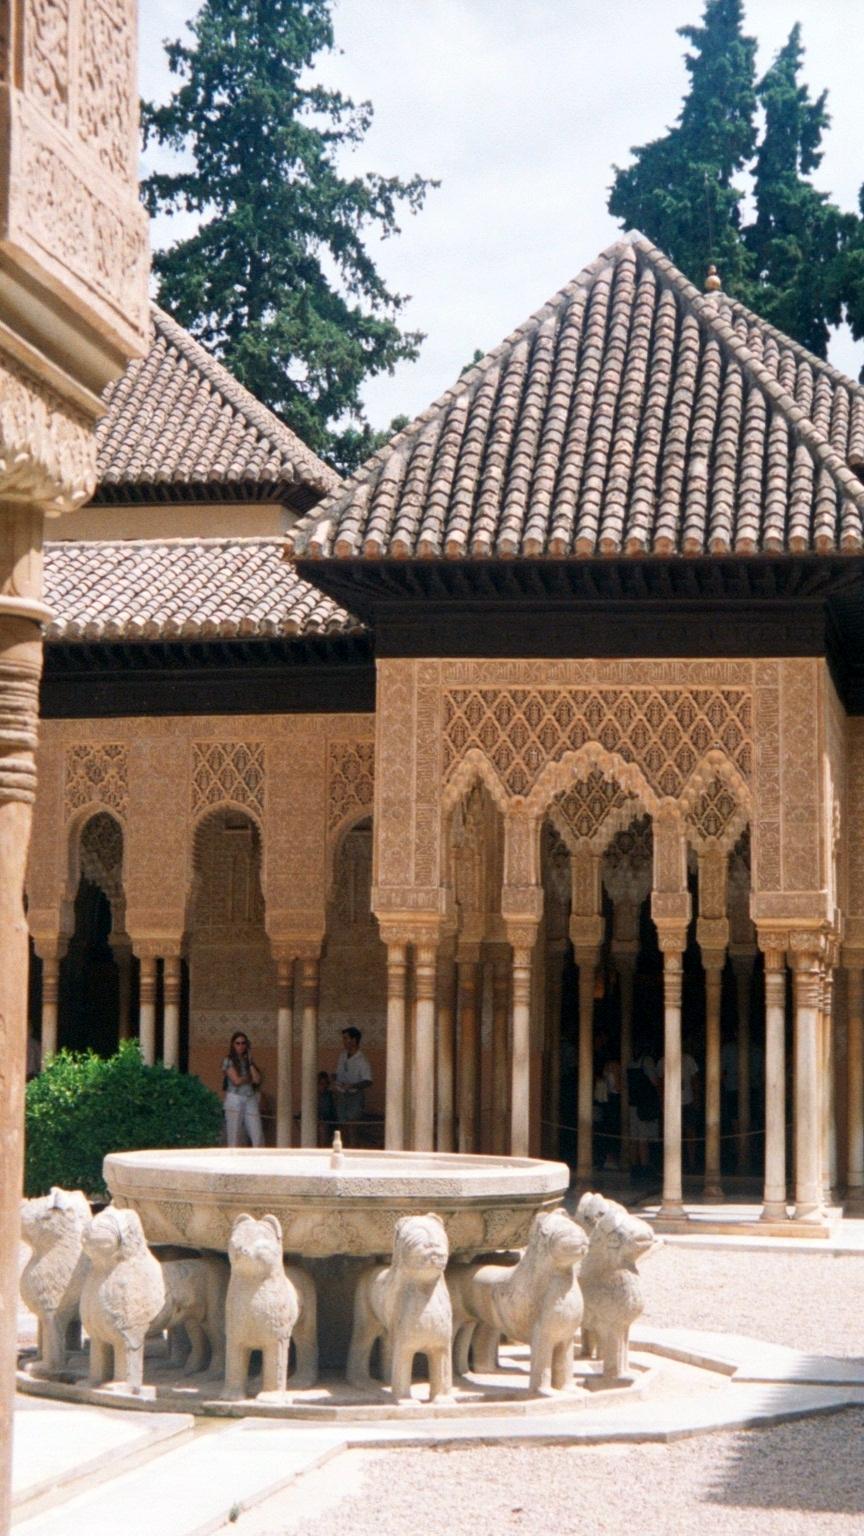 Postcards from Spain: Granada Alhambra patio de los leones